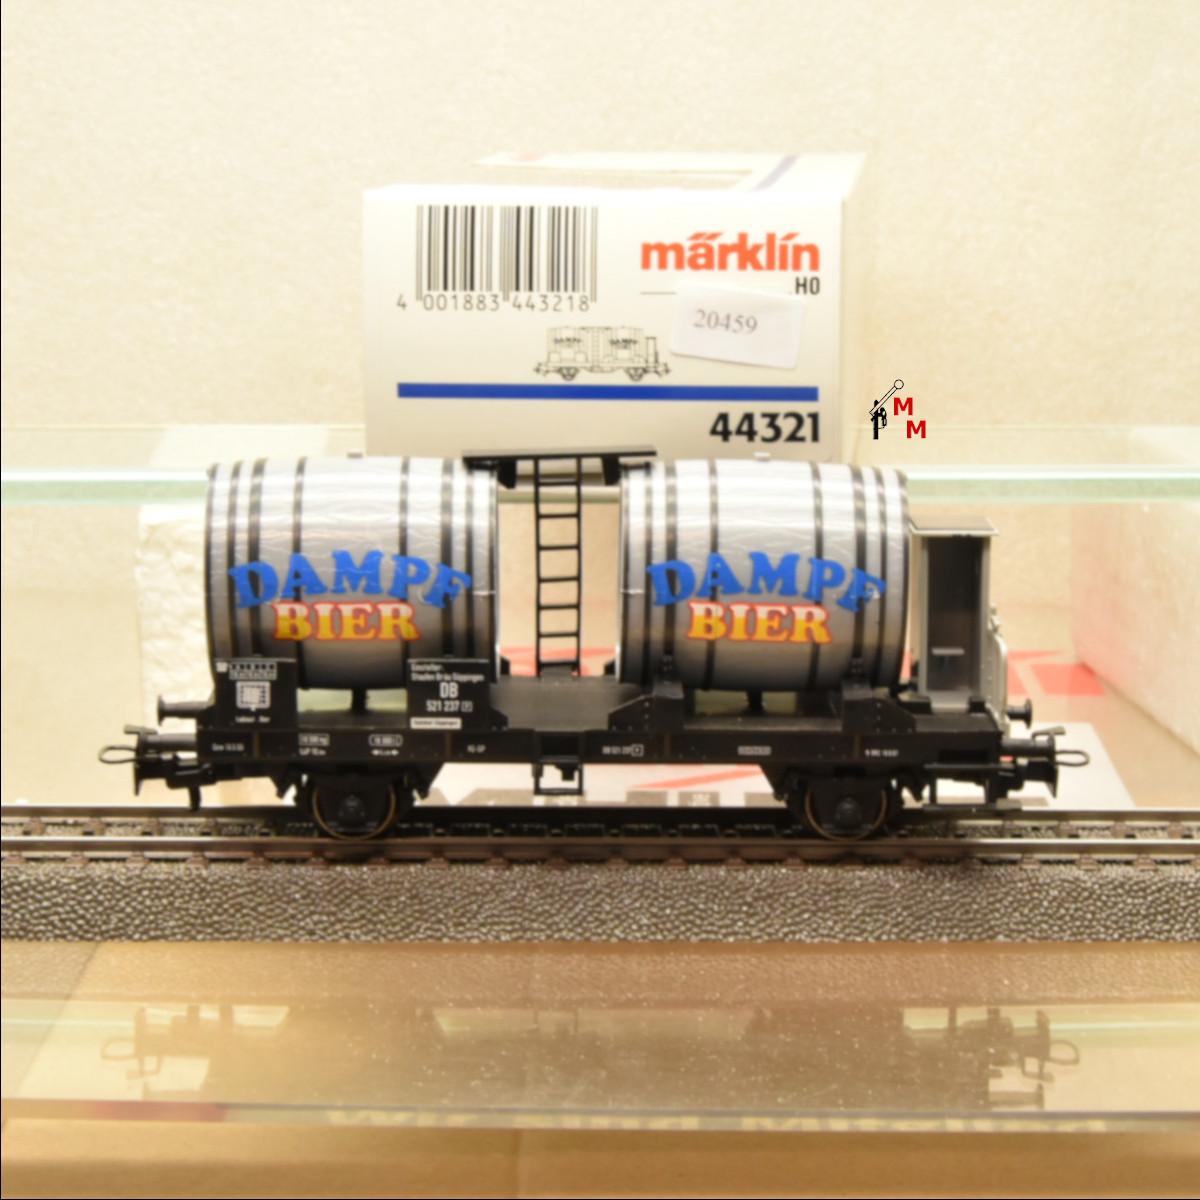 Märklin 44321 Bierwagen Dampf Bier, (20459)